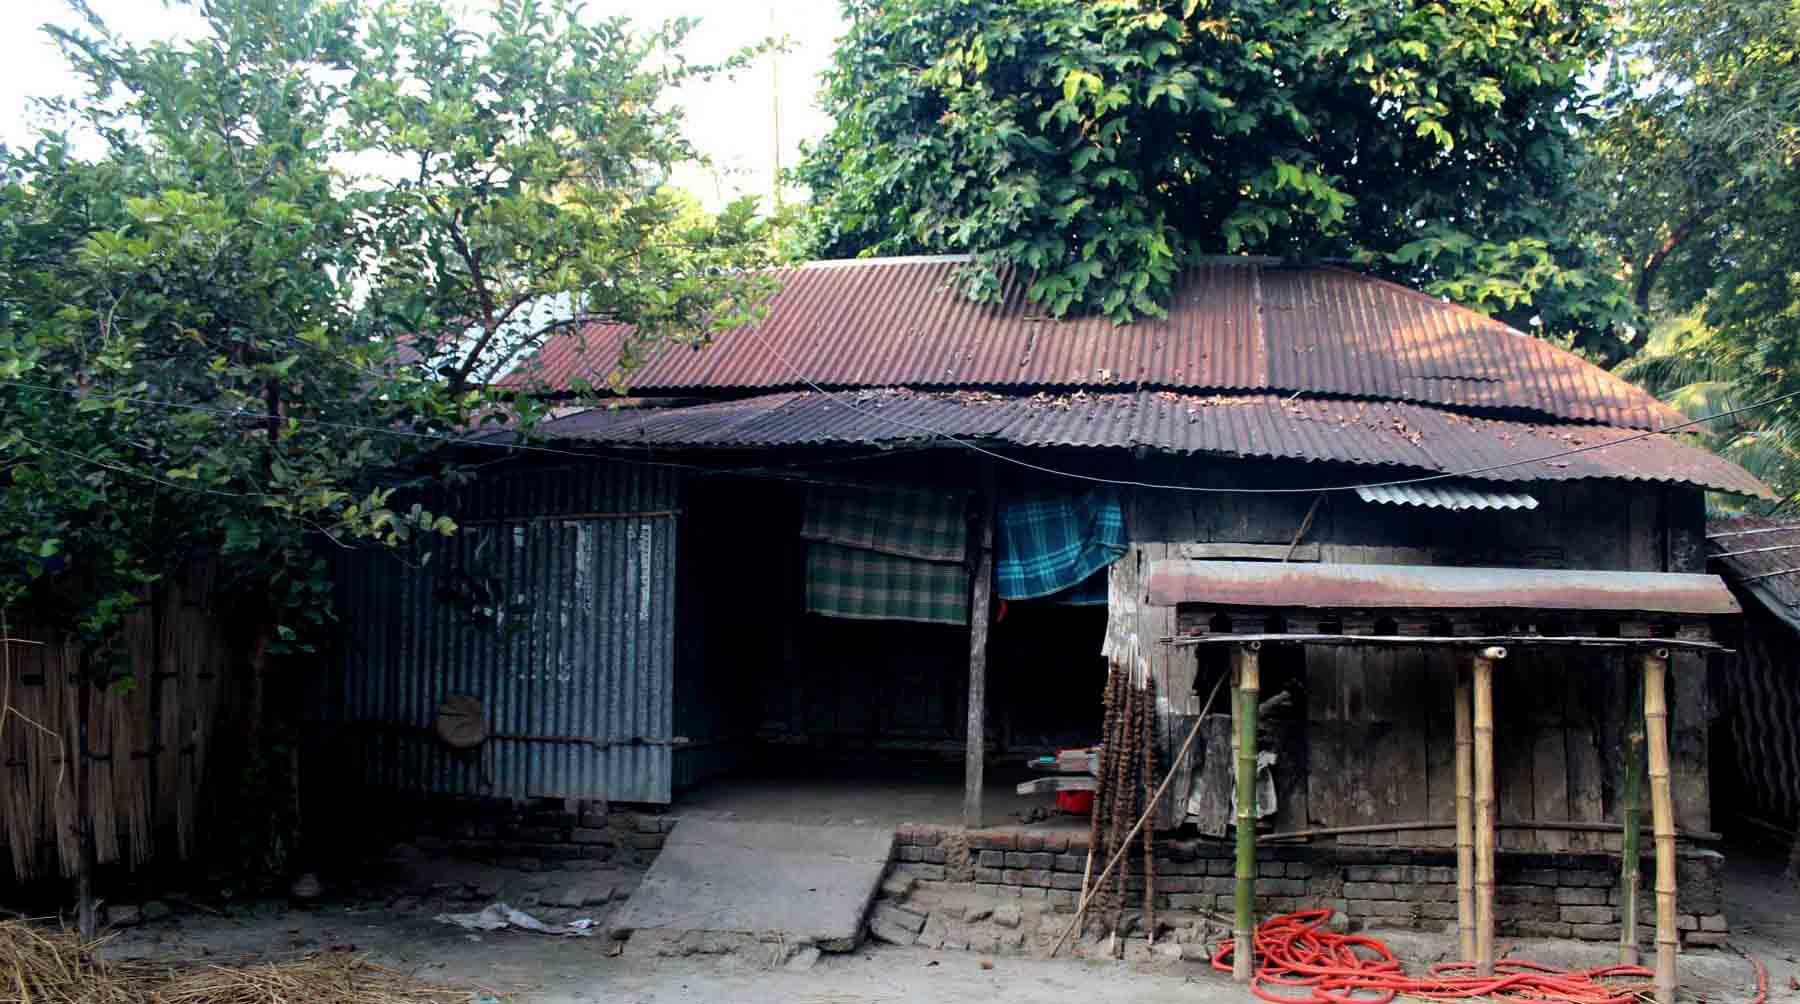 magura-shohid-sohodor-picture-033